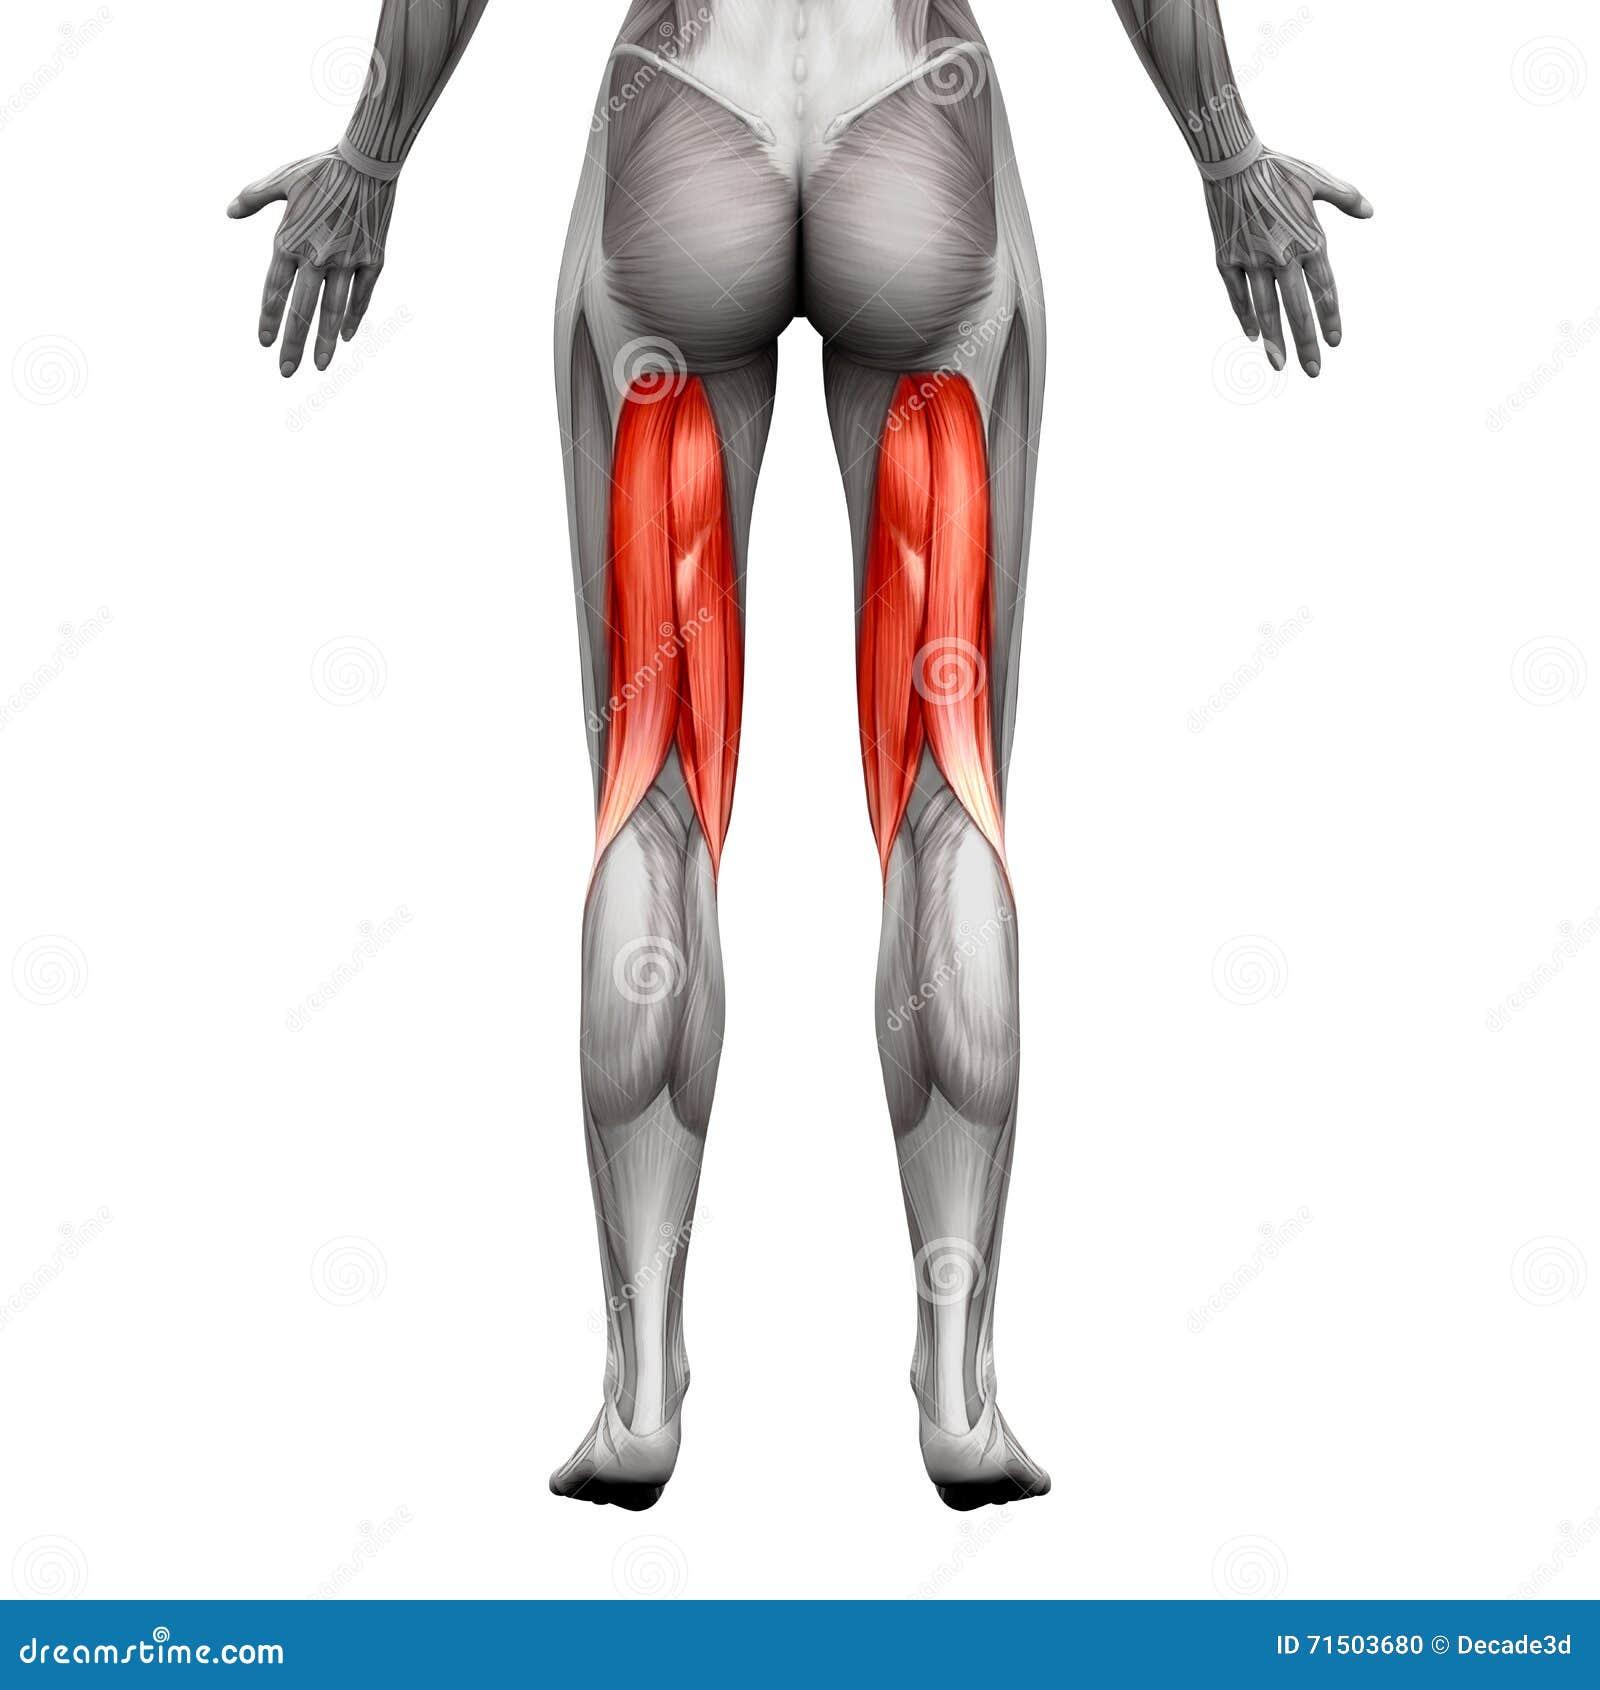 Подколенные сухожилия Muscles - мышца анатомии изолированная на бело- illus 3D